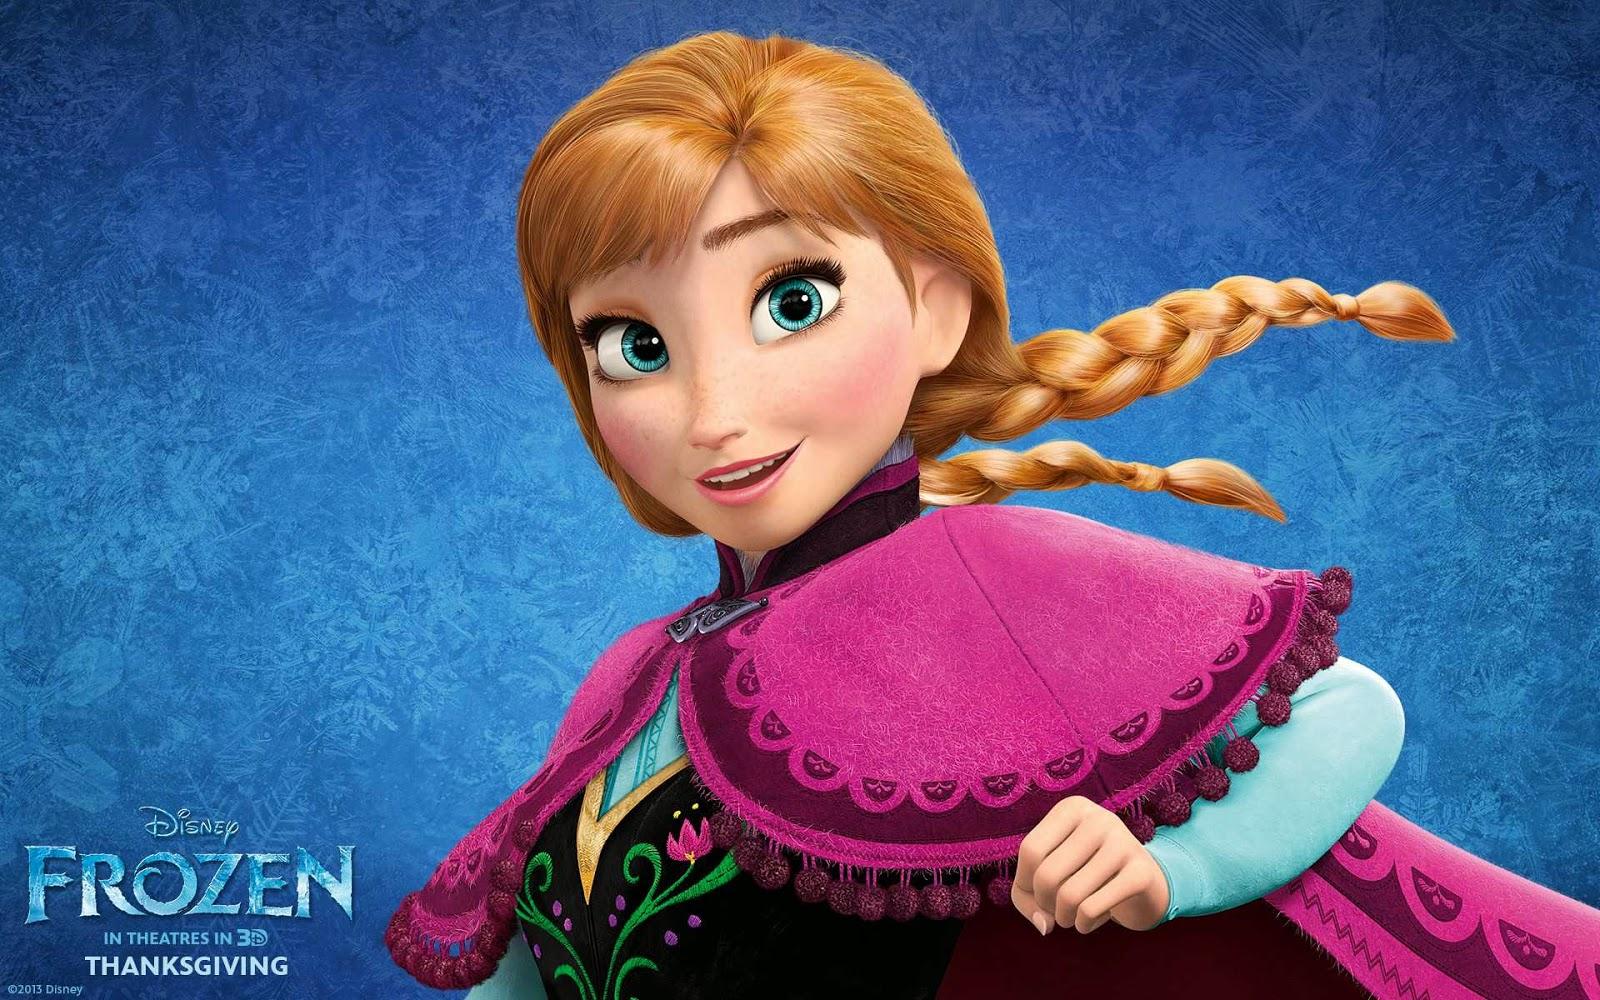 أجمل الخلفيات لفيلم Frozen (ملكة الثلج) - كل يوم صورة ثقافية